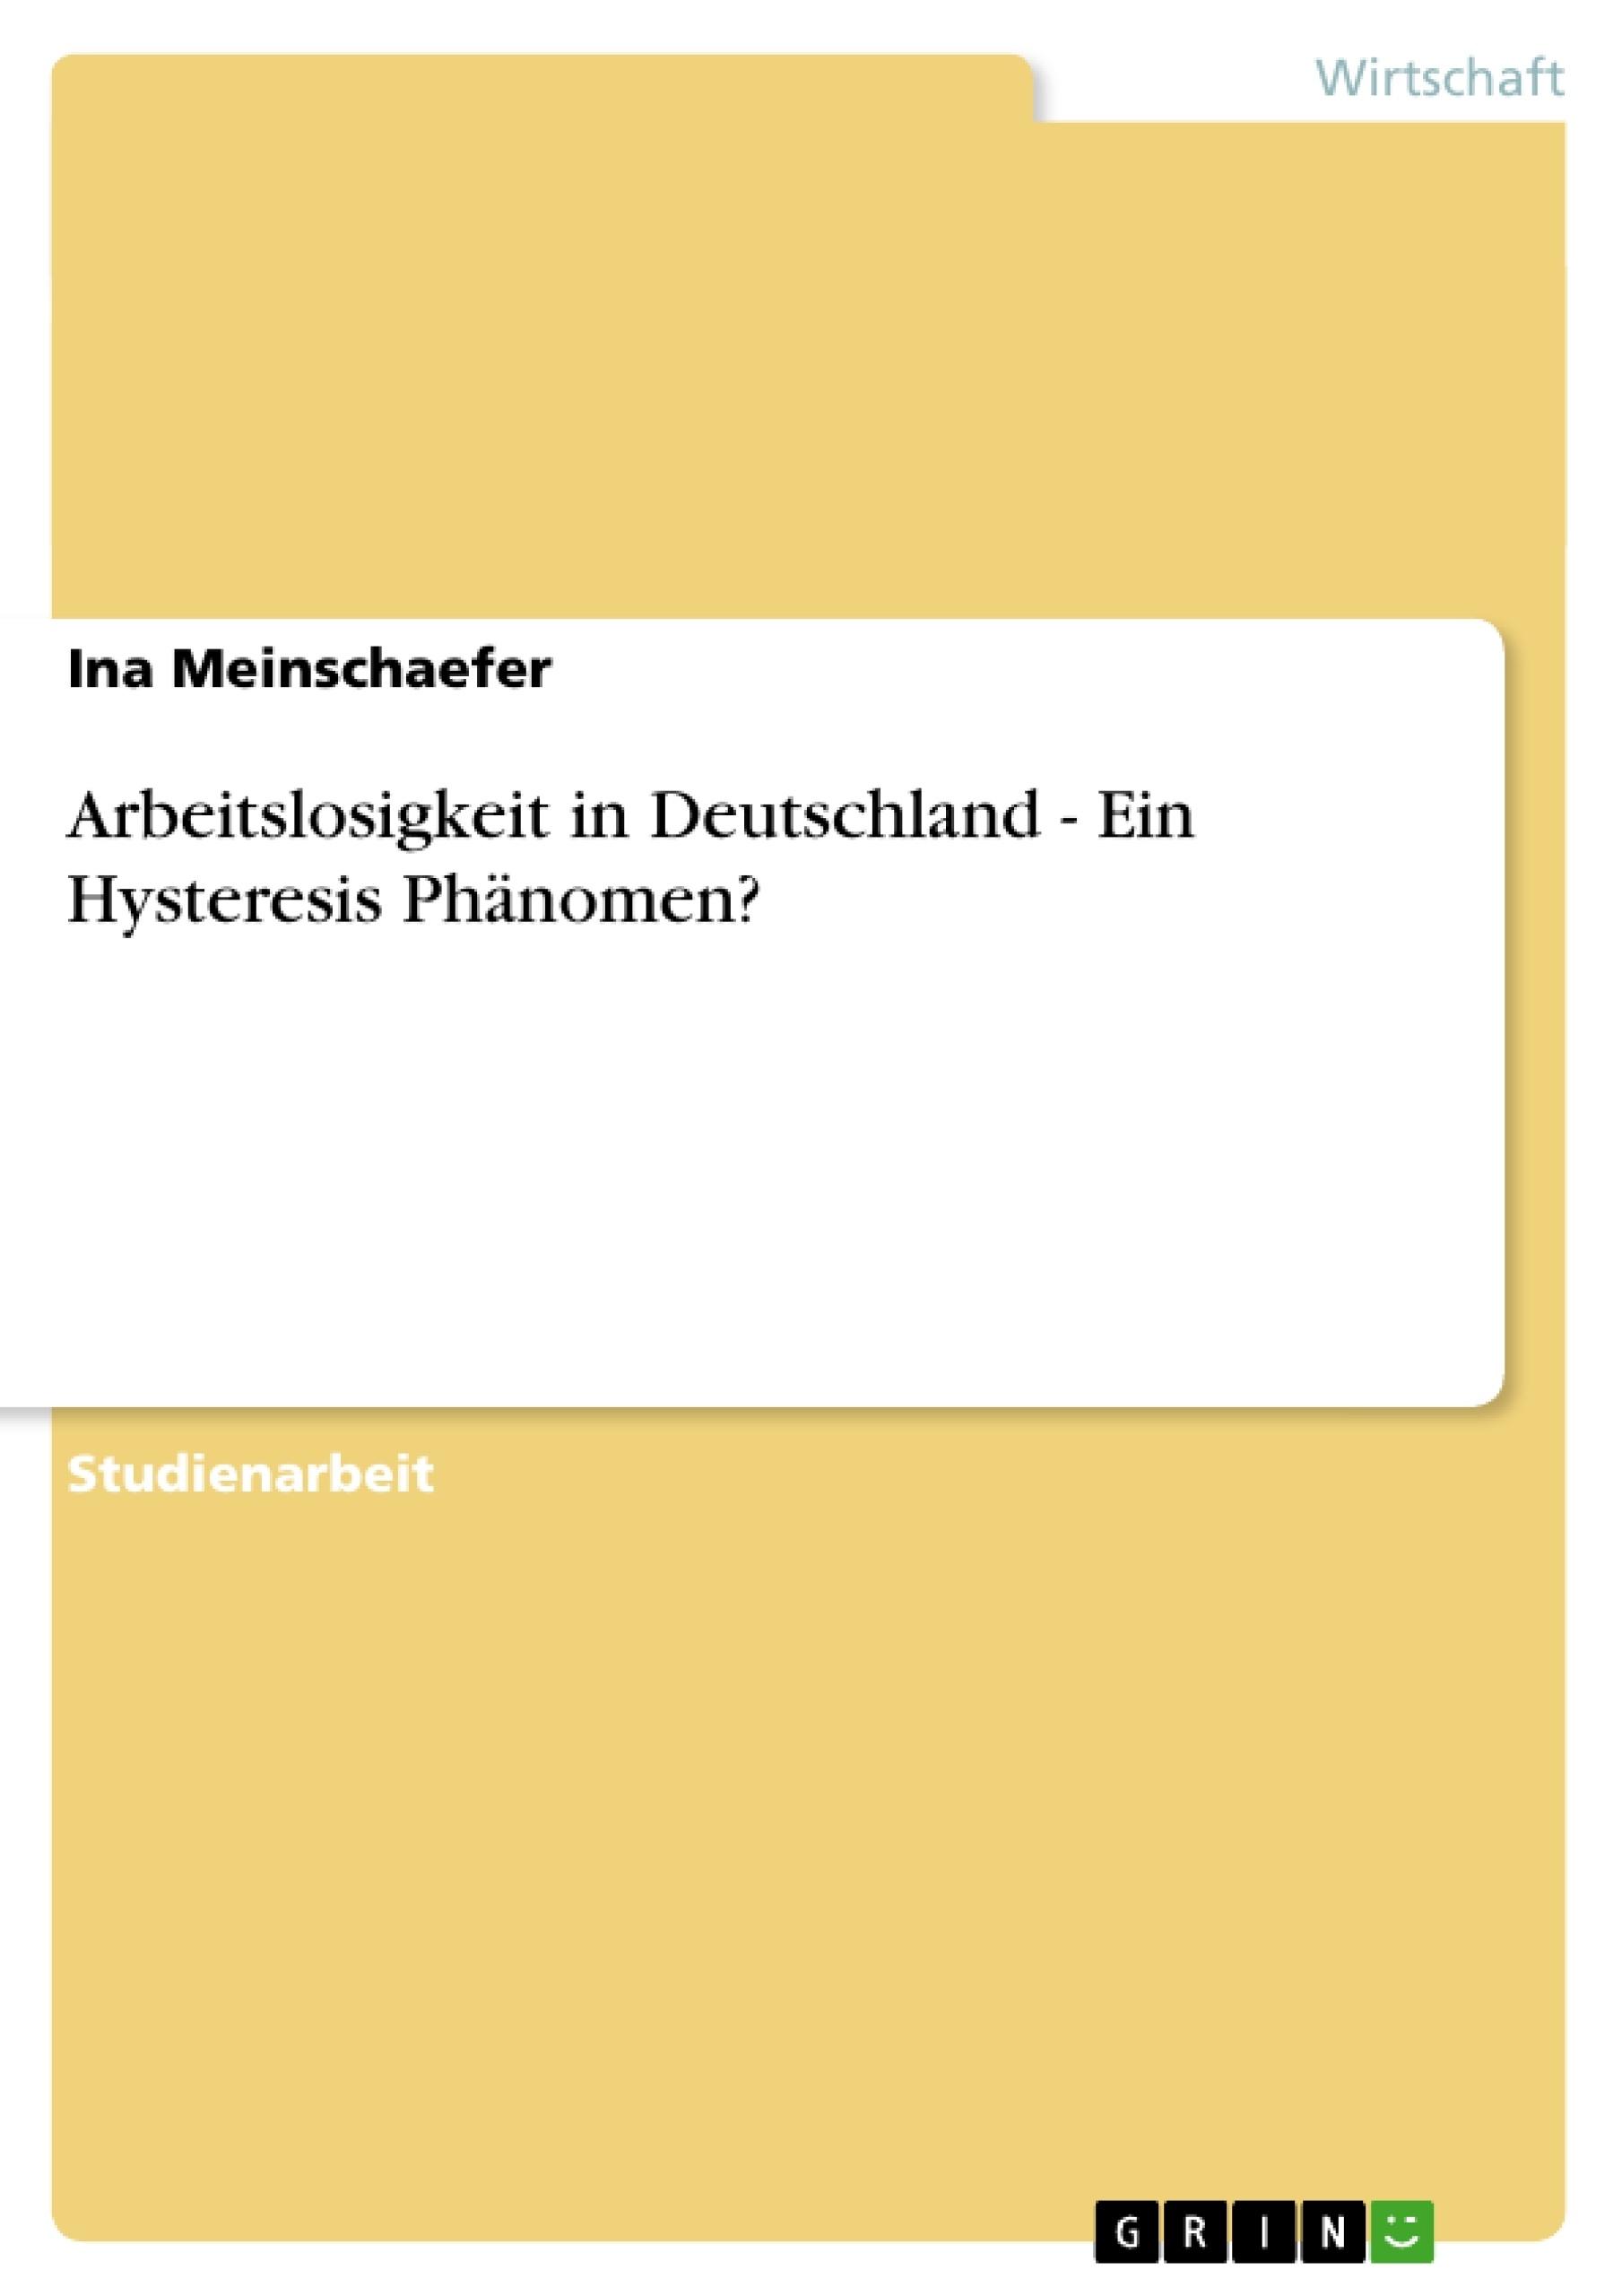 Titel: Arbeitslosigkeit in Deutschland - Ein Hysteresis Phänomen?